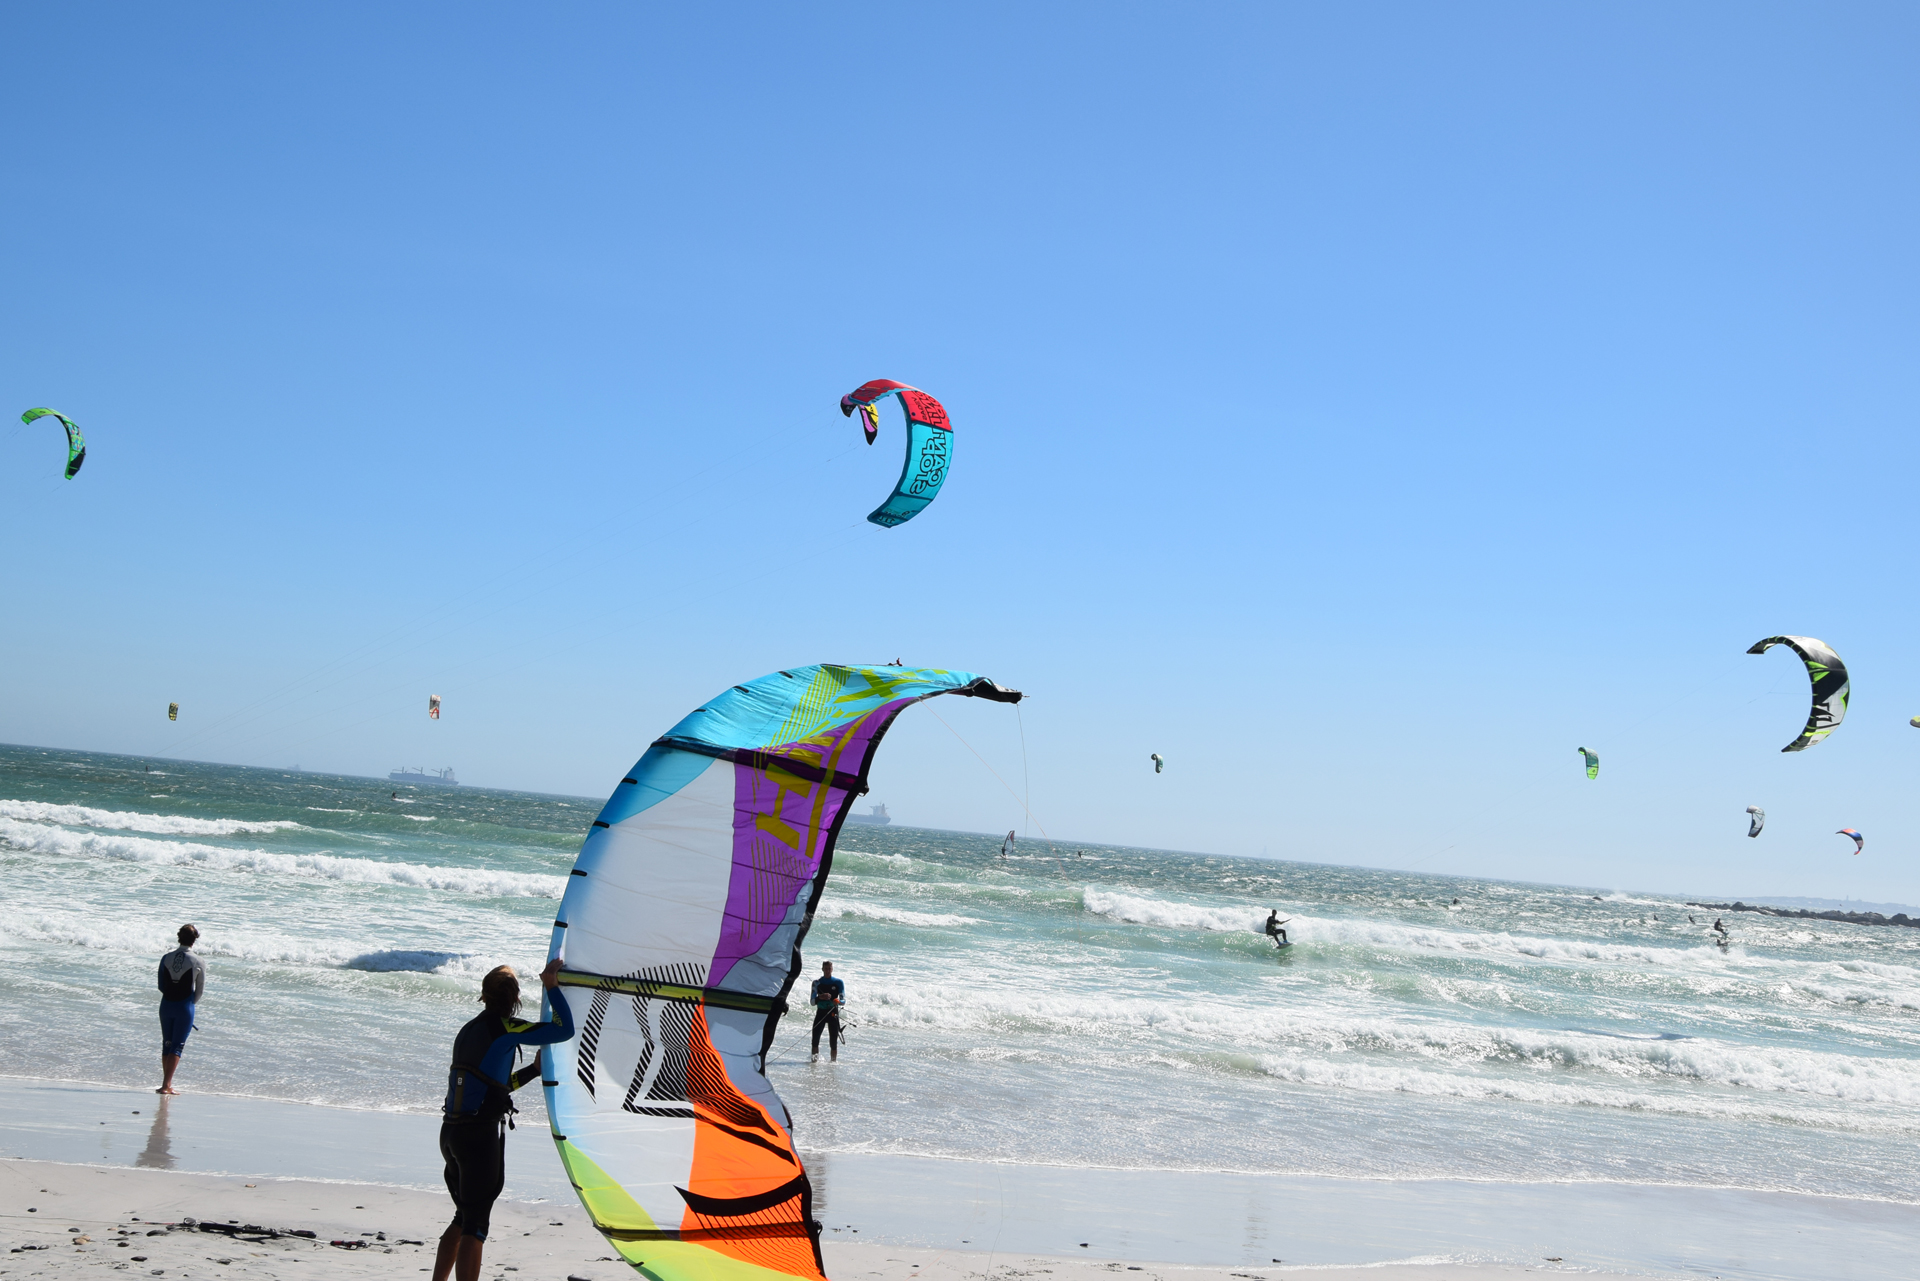 blouberg-kitesurfing-3